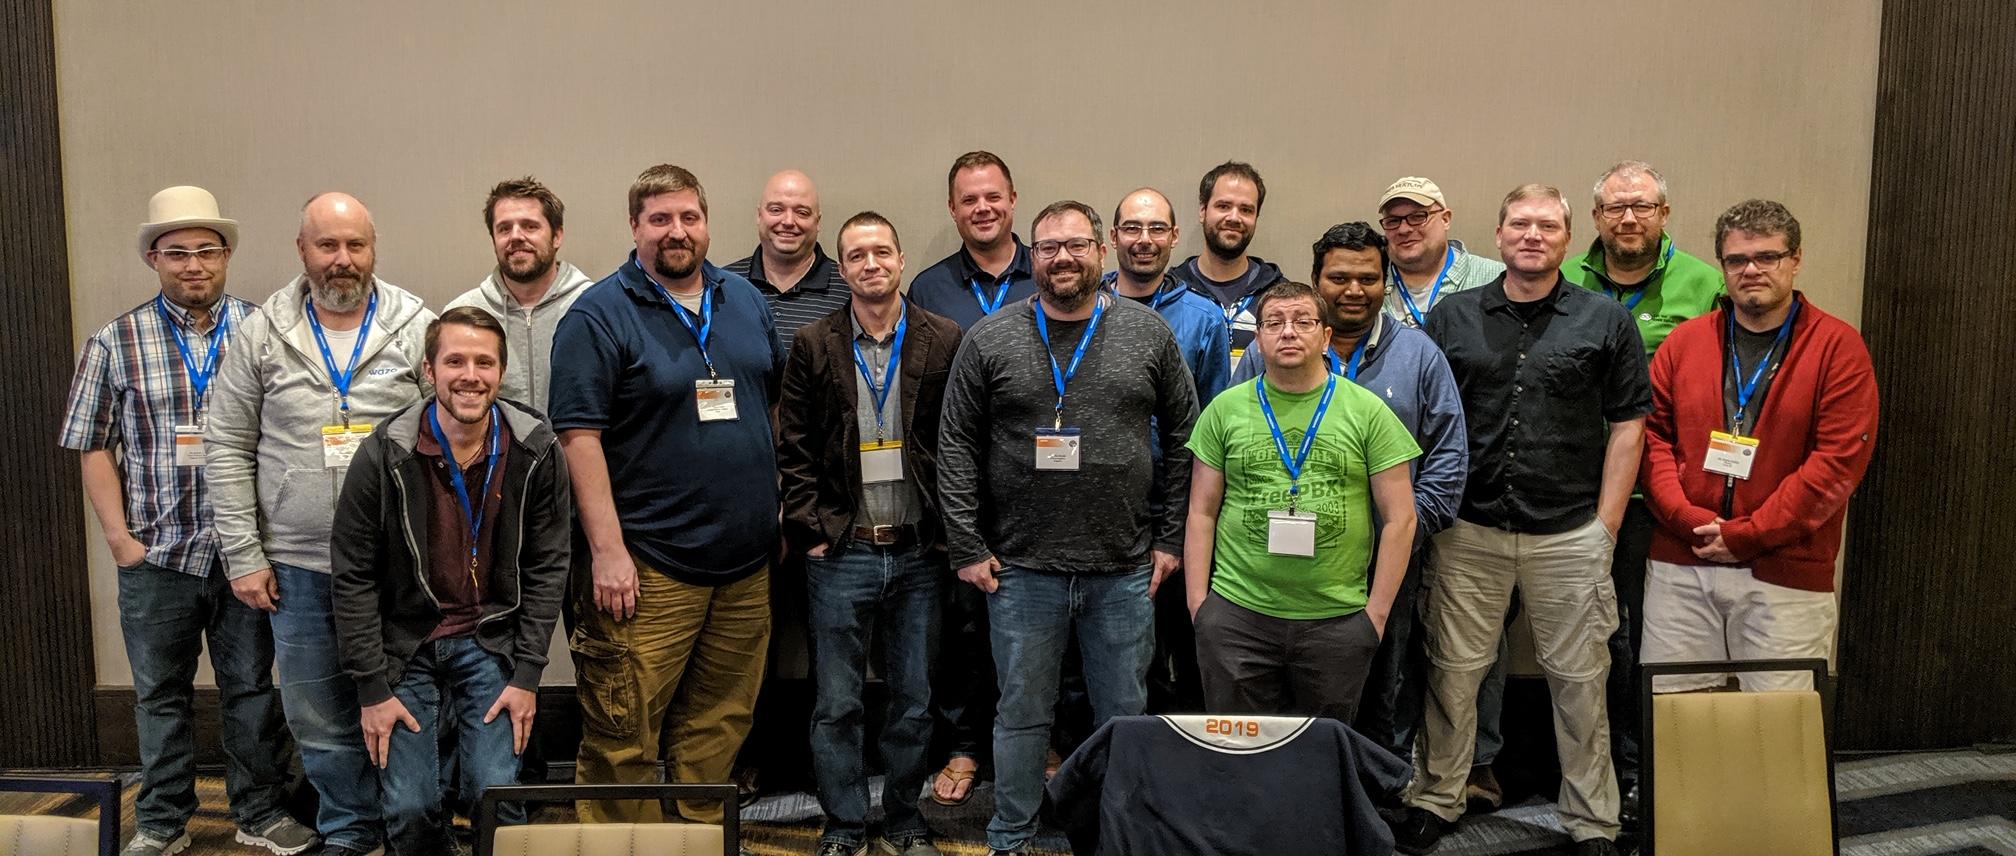 AstriDevCon 2019 participants